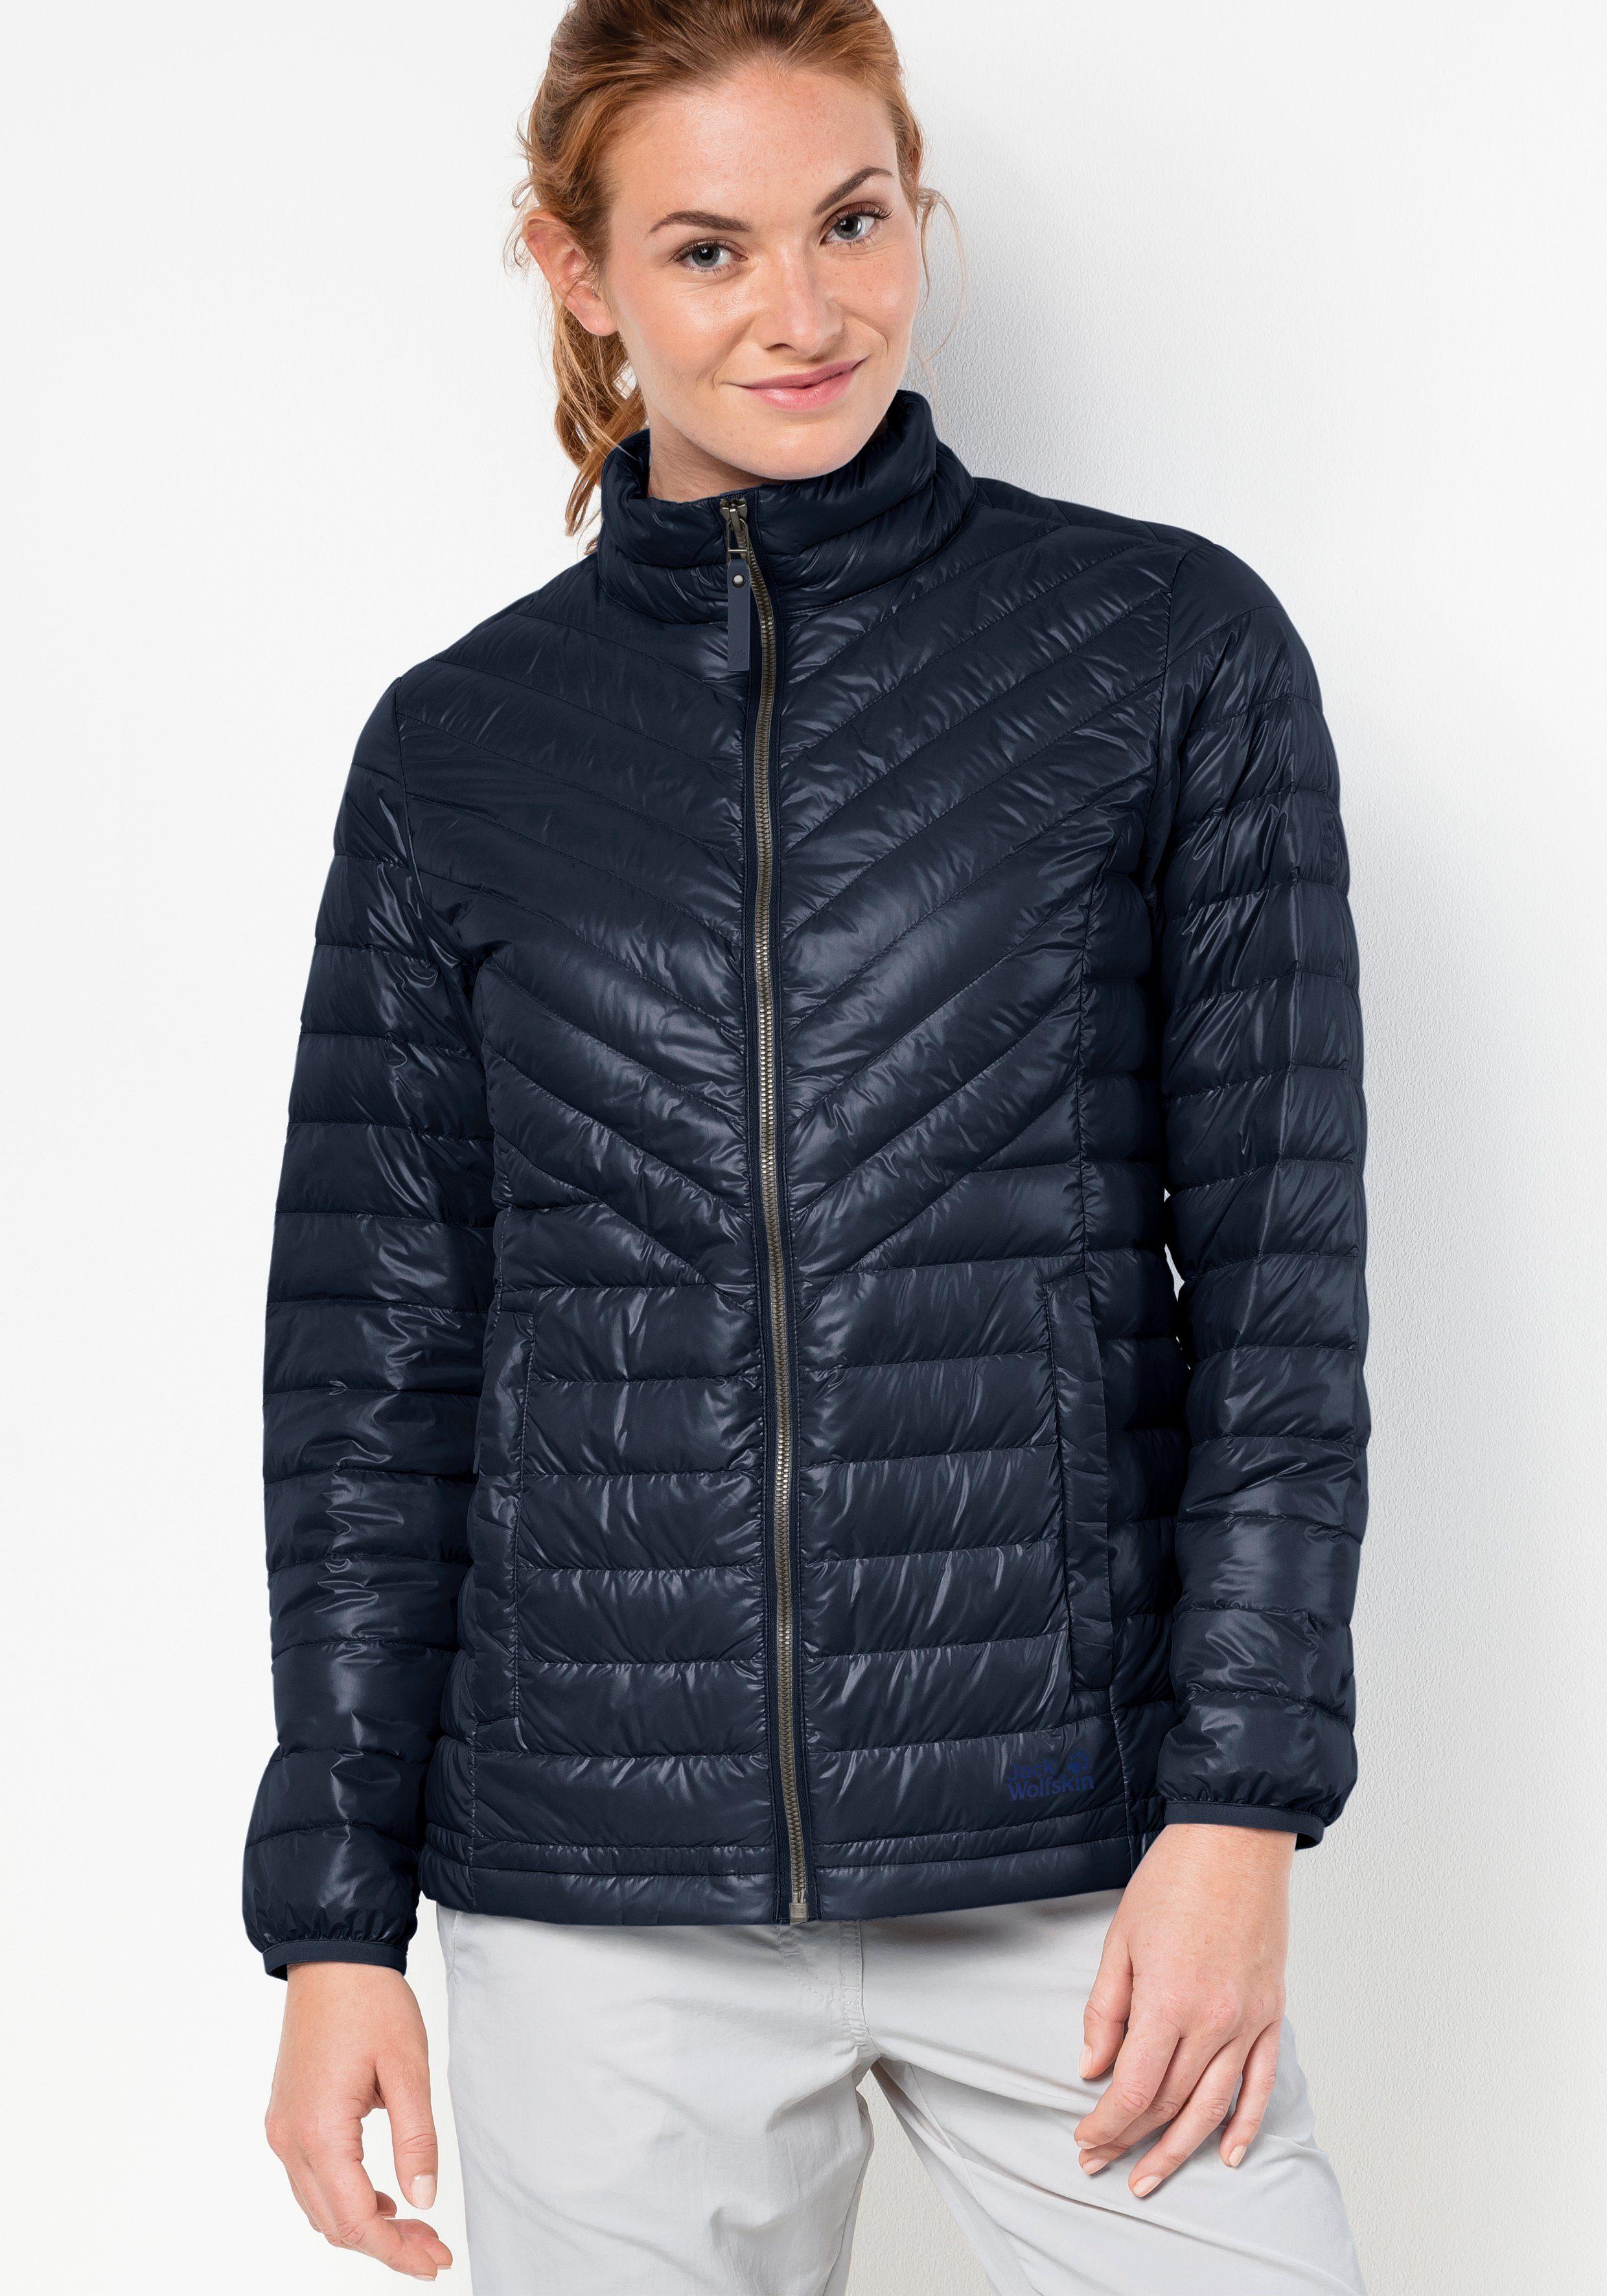 jack wolfskin vista jacket damen